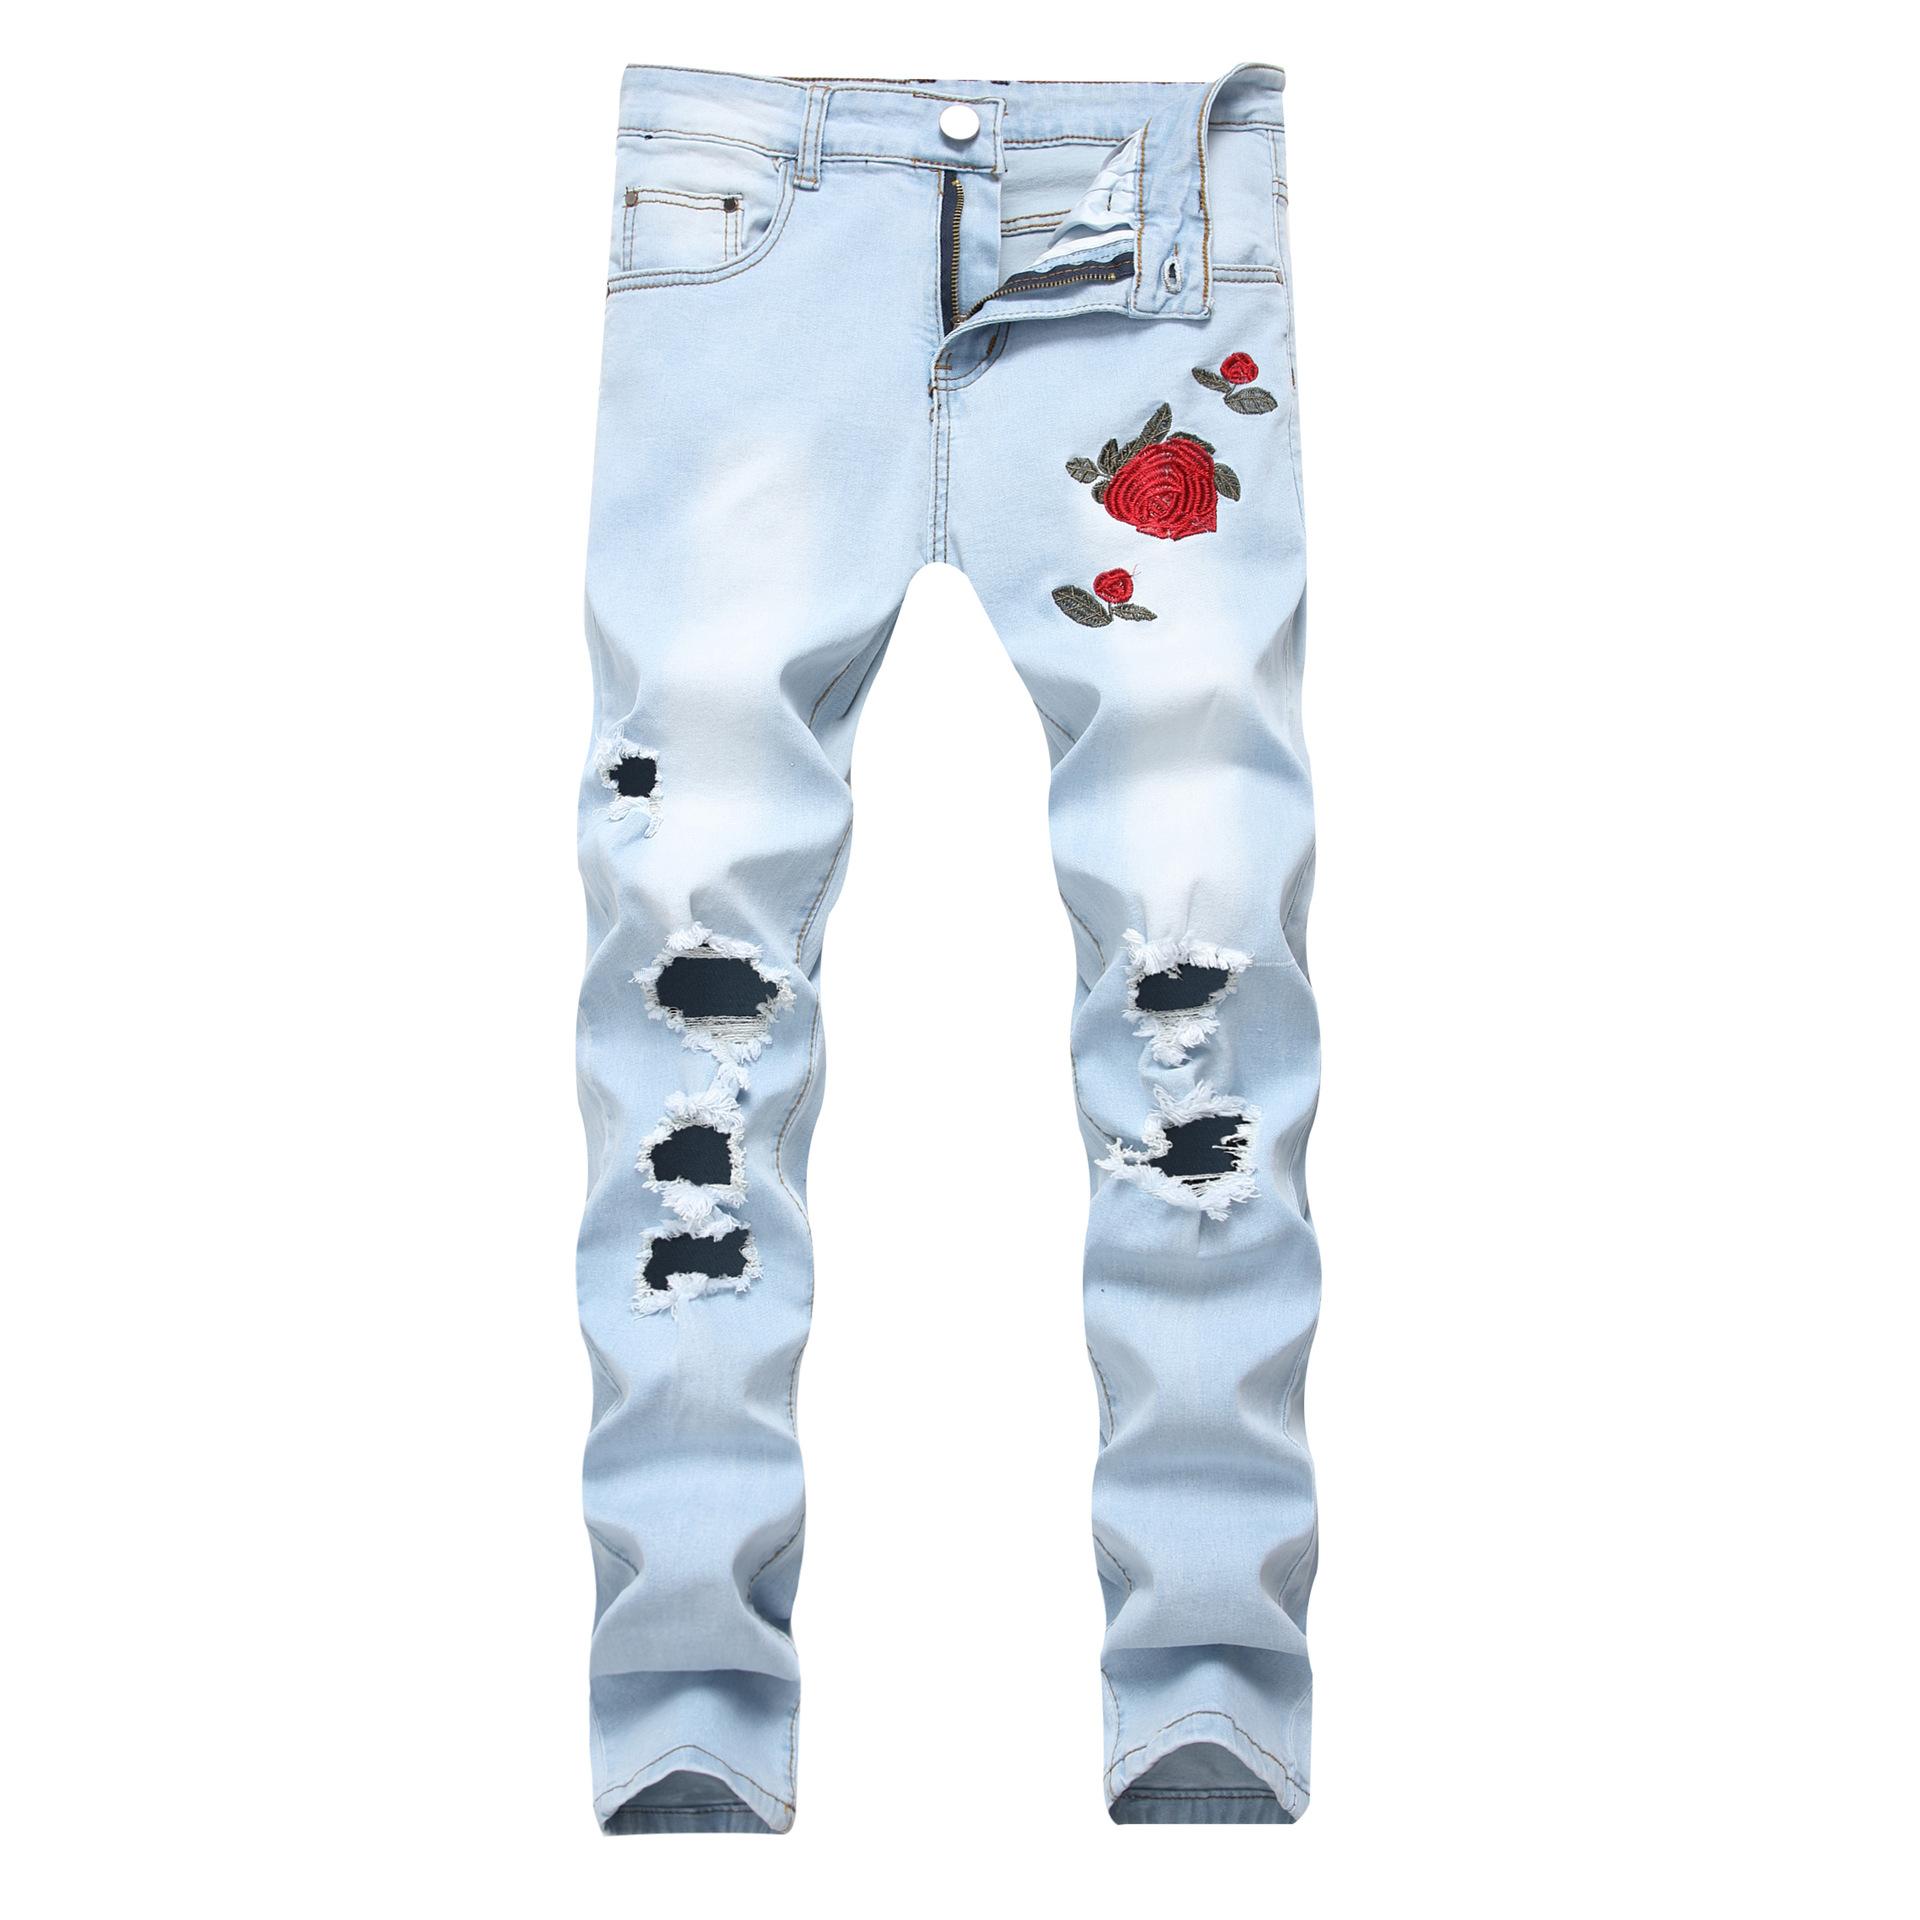 Pantalones Vaqueros Bordados De Color Rosa Para Hombre Pantalon Azul Claro Con Agujeros Elasticos Ajustados Y Grandes Buy Hombre Vaqueros Skinny Product On Alibaba Com